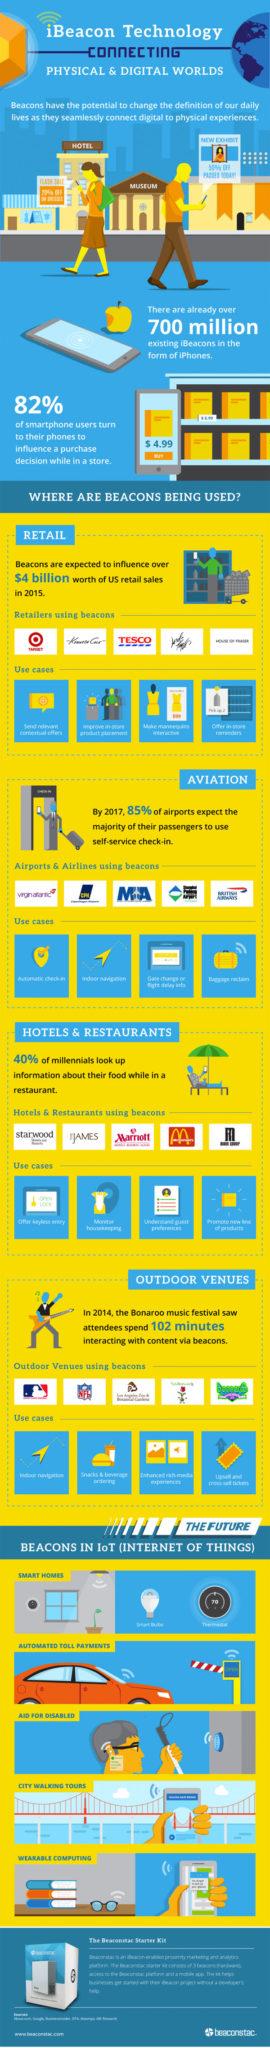 beacon-infographic